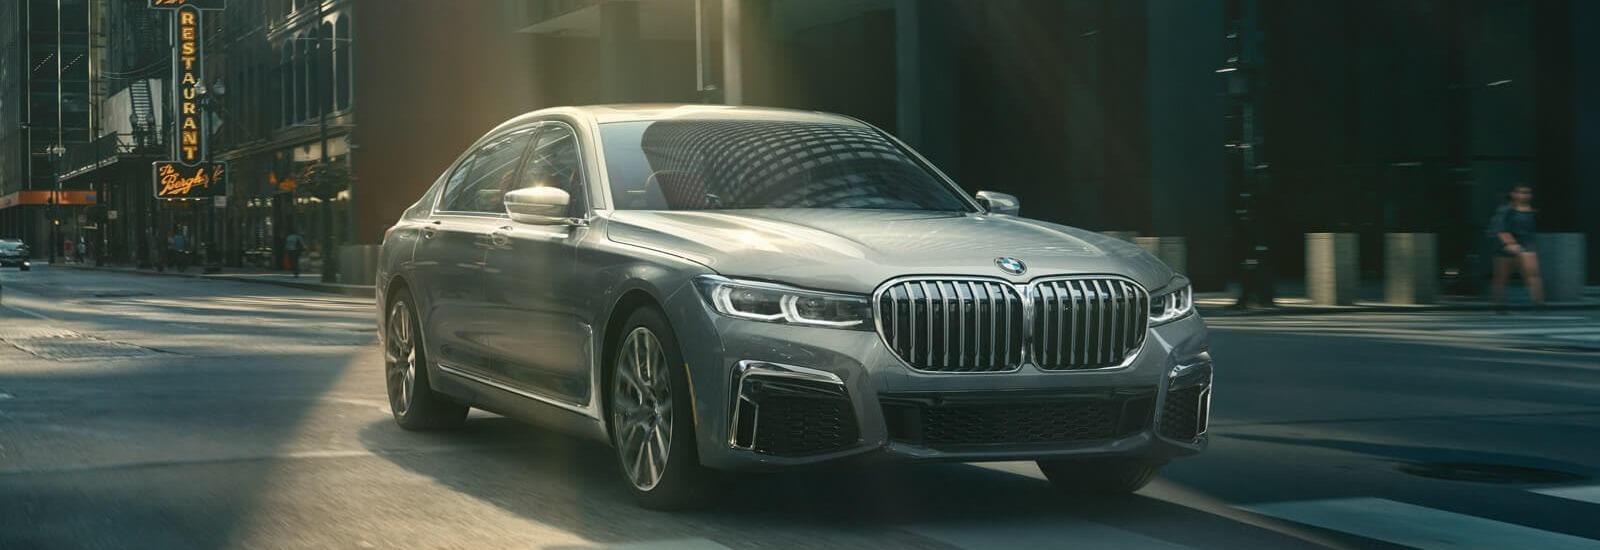 2021 BMW 7 Series for Sale near Peoria, AZ